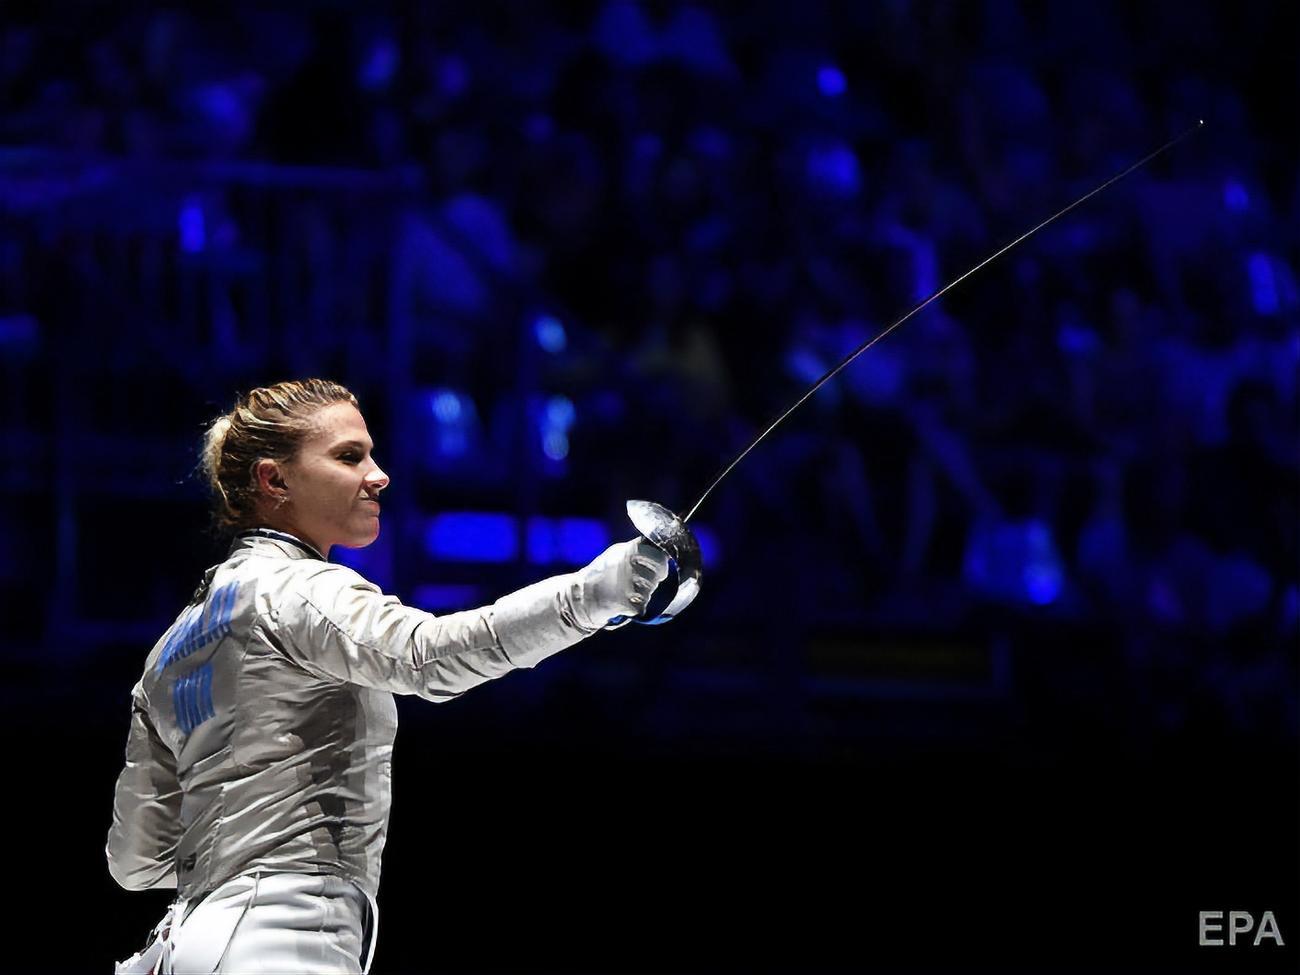 Украинская саблистка Харлан в финале чемпионата мира победила россиянк